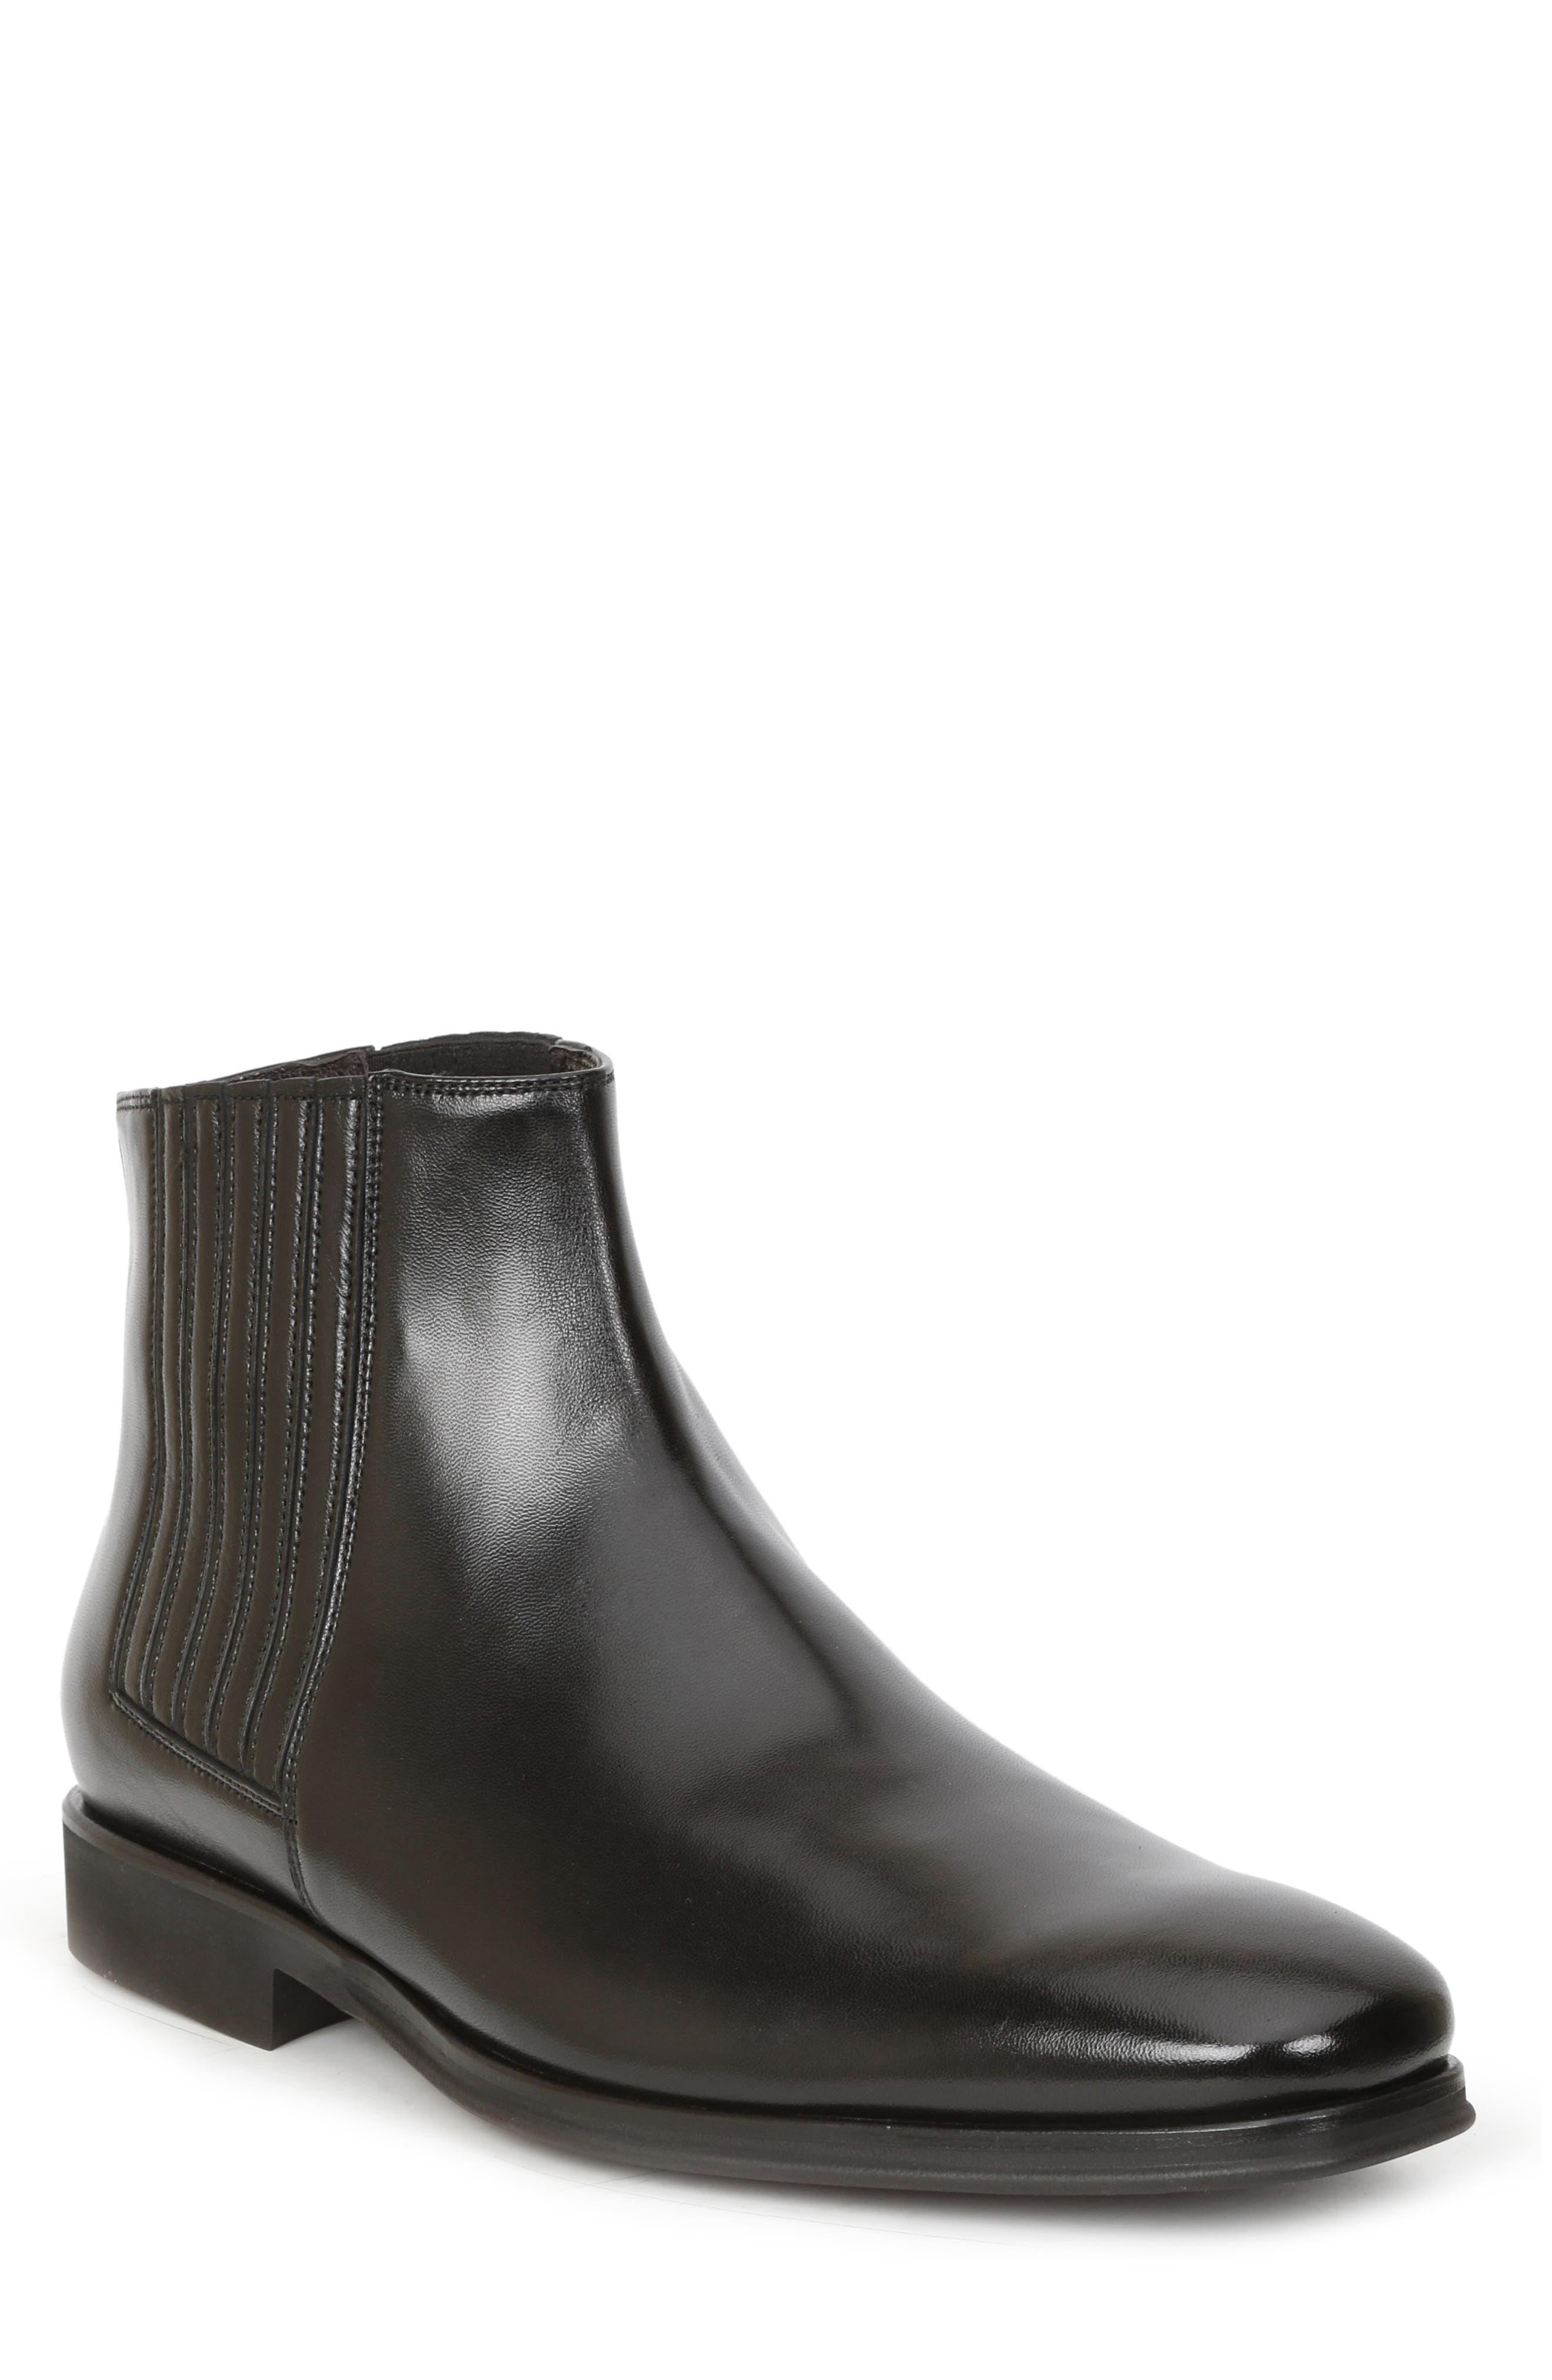 Rezzo Chelsea Boot,                         Main,                         color, BLACK